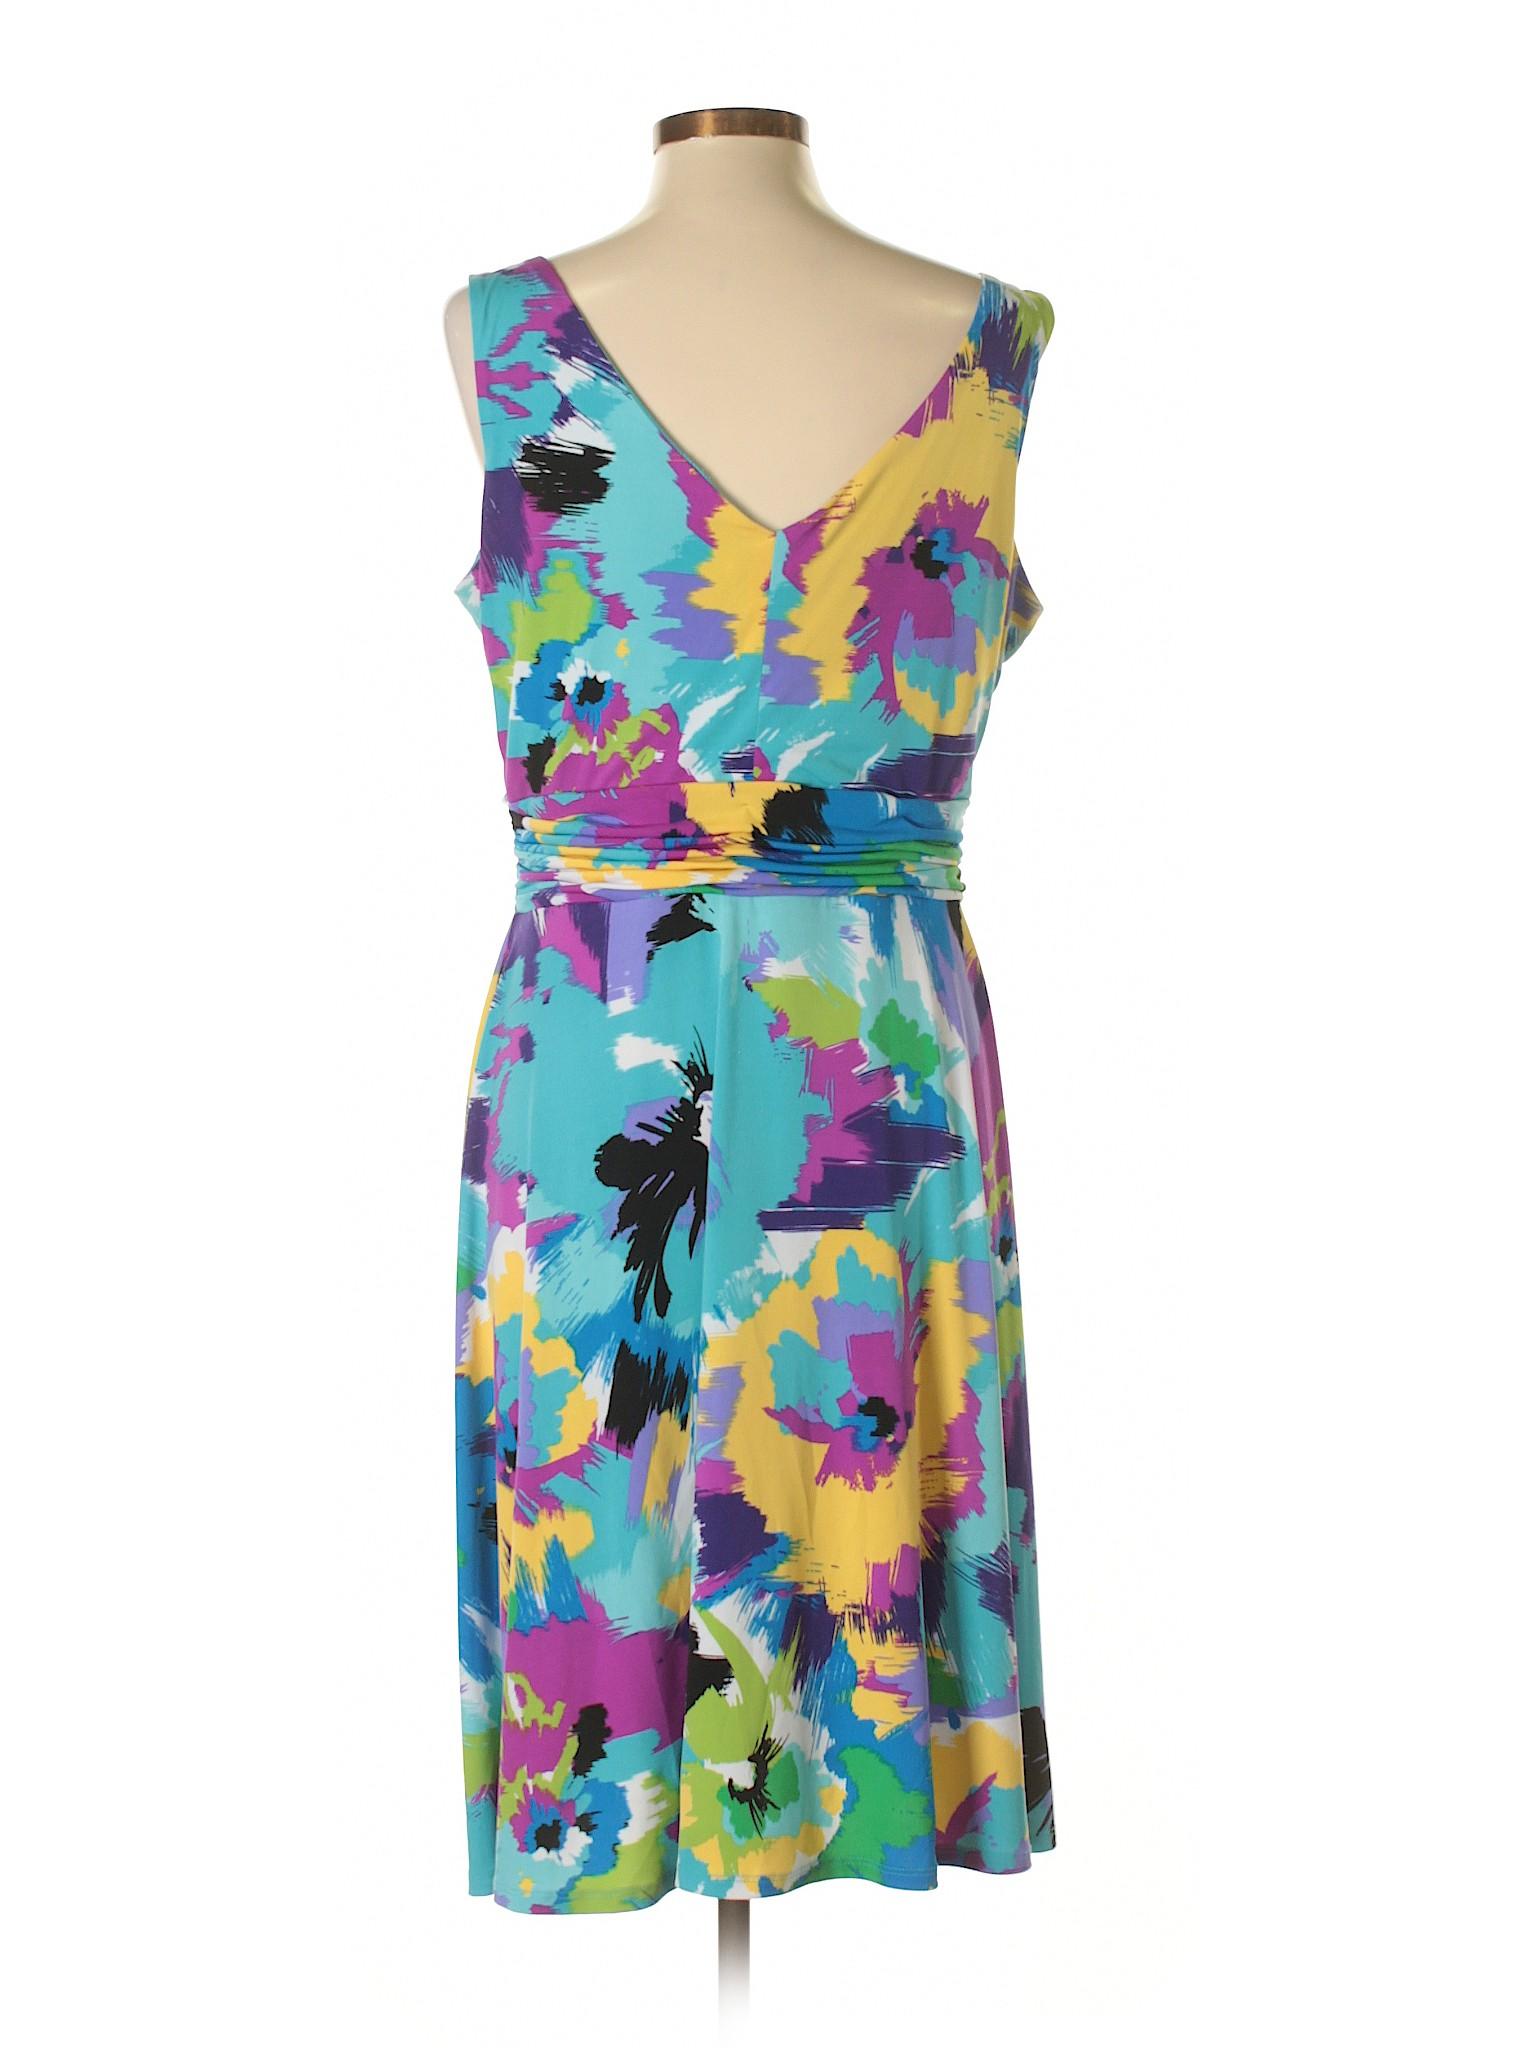 Casual winter Dress Sandra Darren Boutique FnqpwARzR